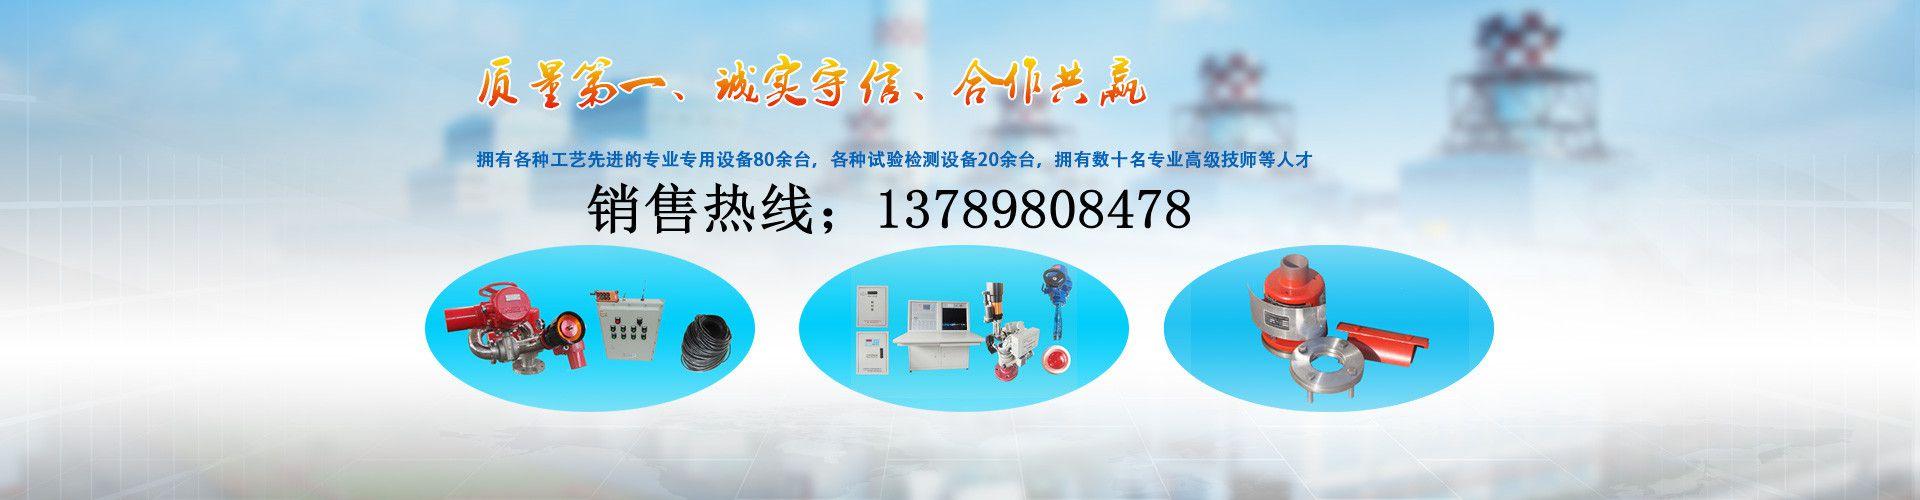 济南环球工业消防设备有限公司